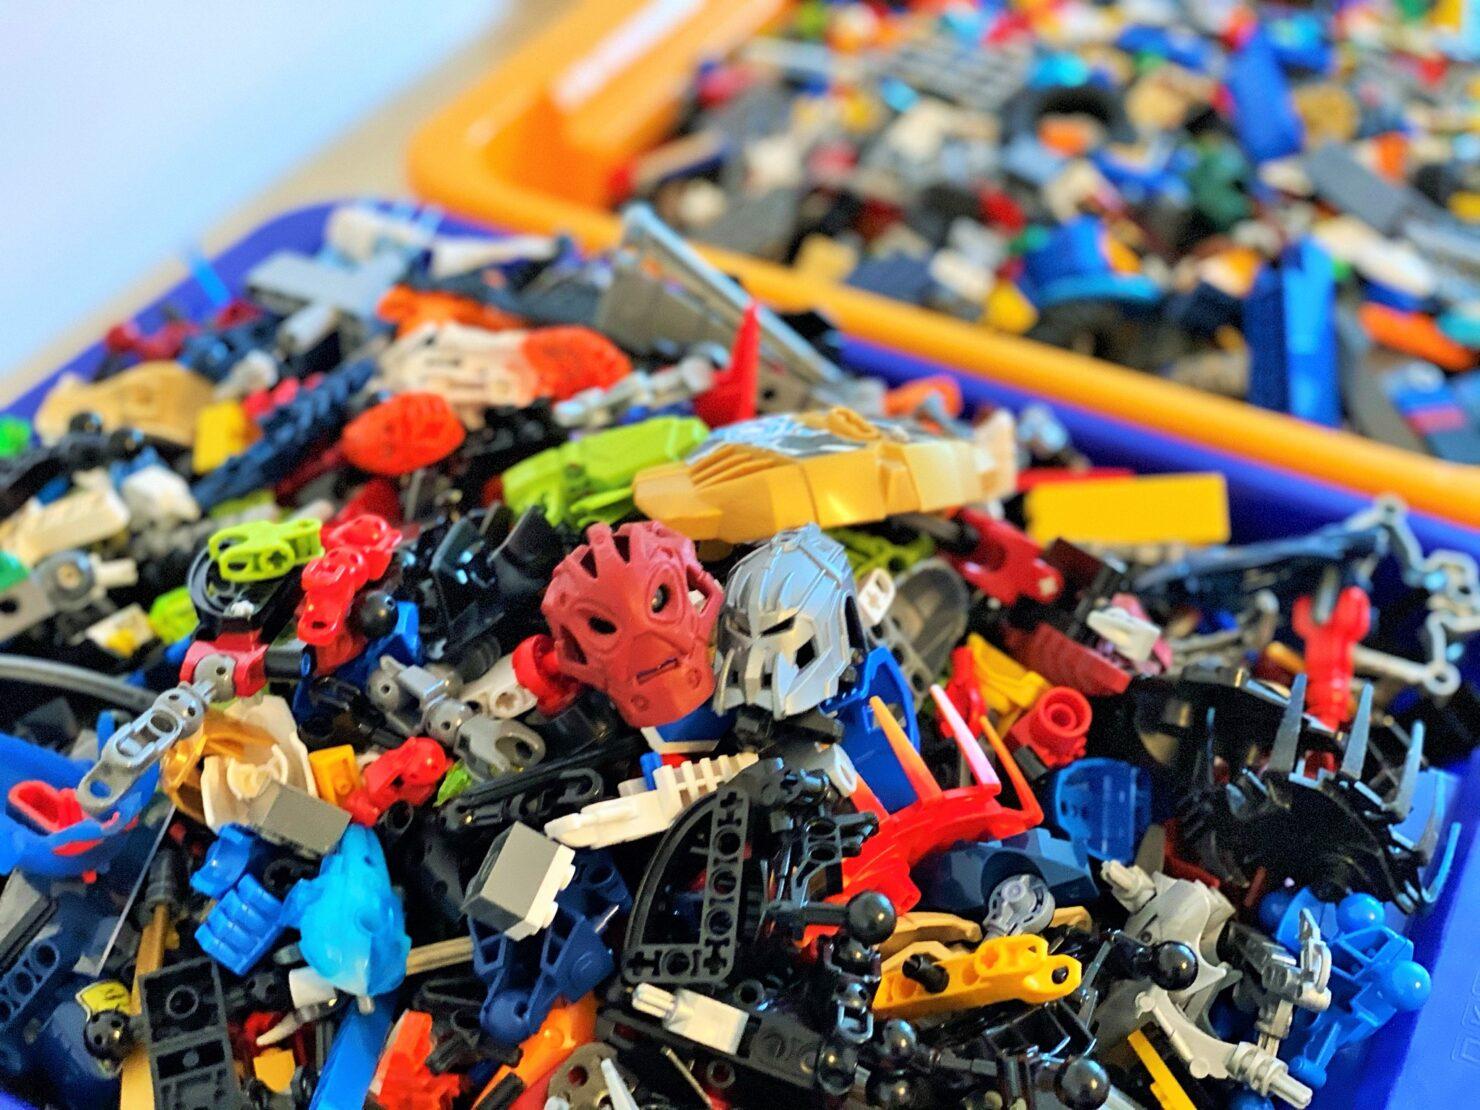 Pubertät - das Ende der Lego-Ära